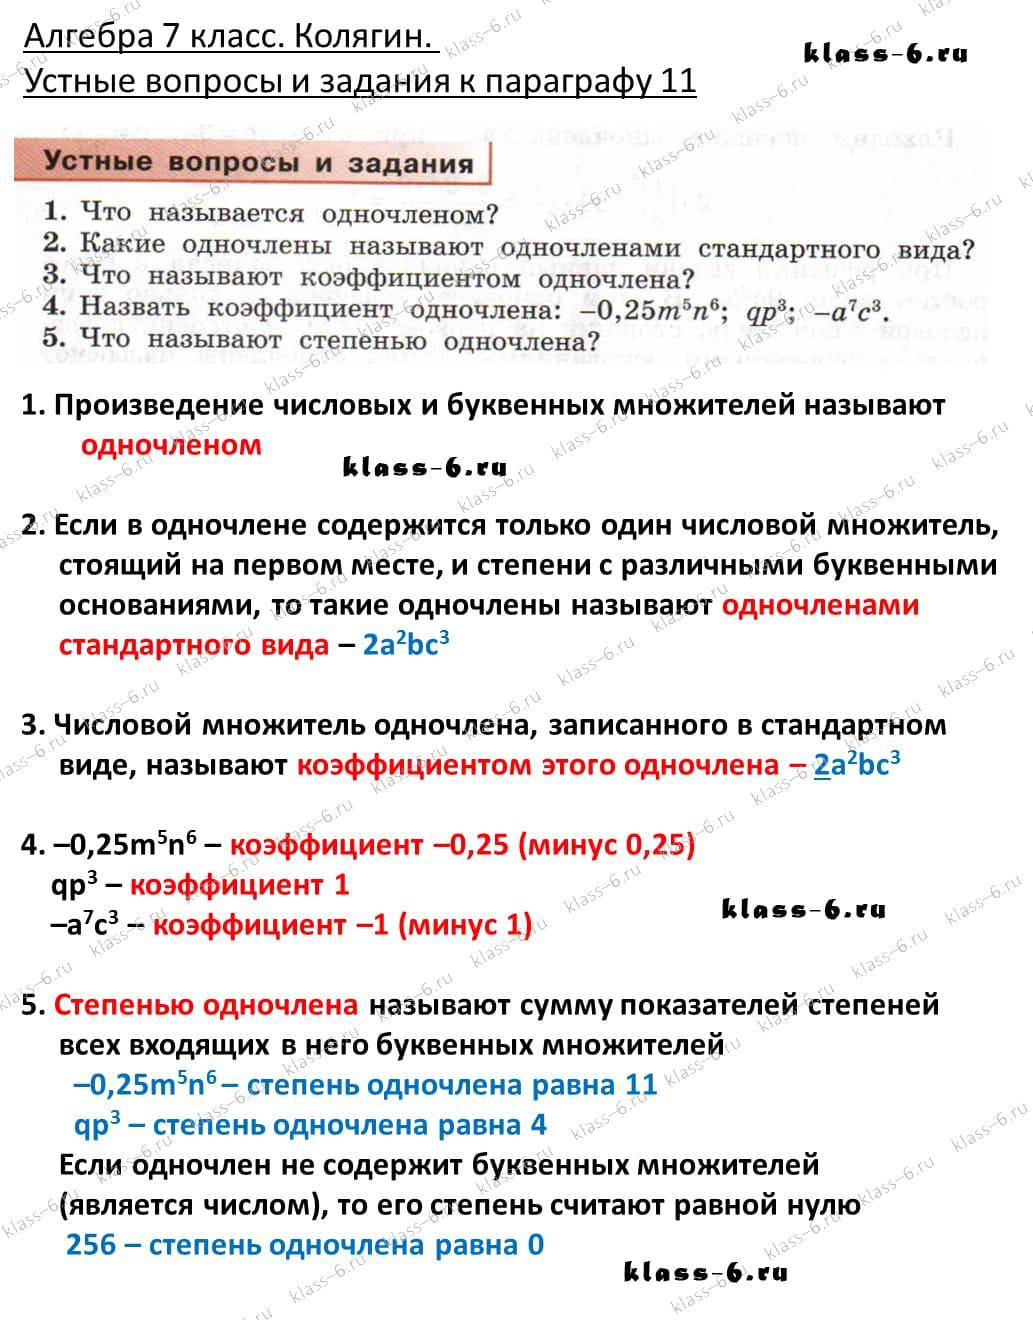 2.1.1. одночлены и многочлены